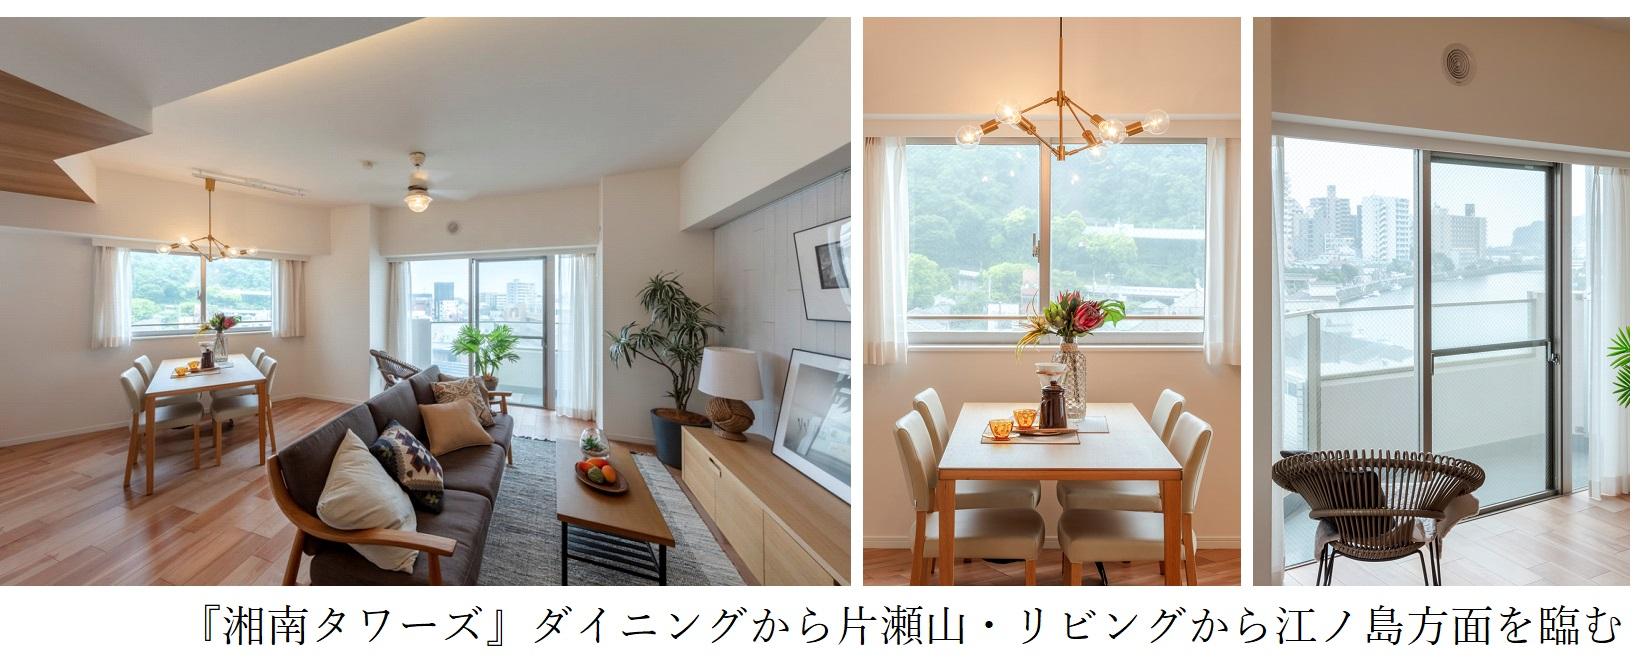 コスモスイニシア、郊外でもリノベーションマンション―神奈川で湘南・鎌倉エリアへ展開拡大